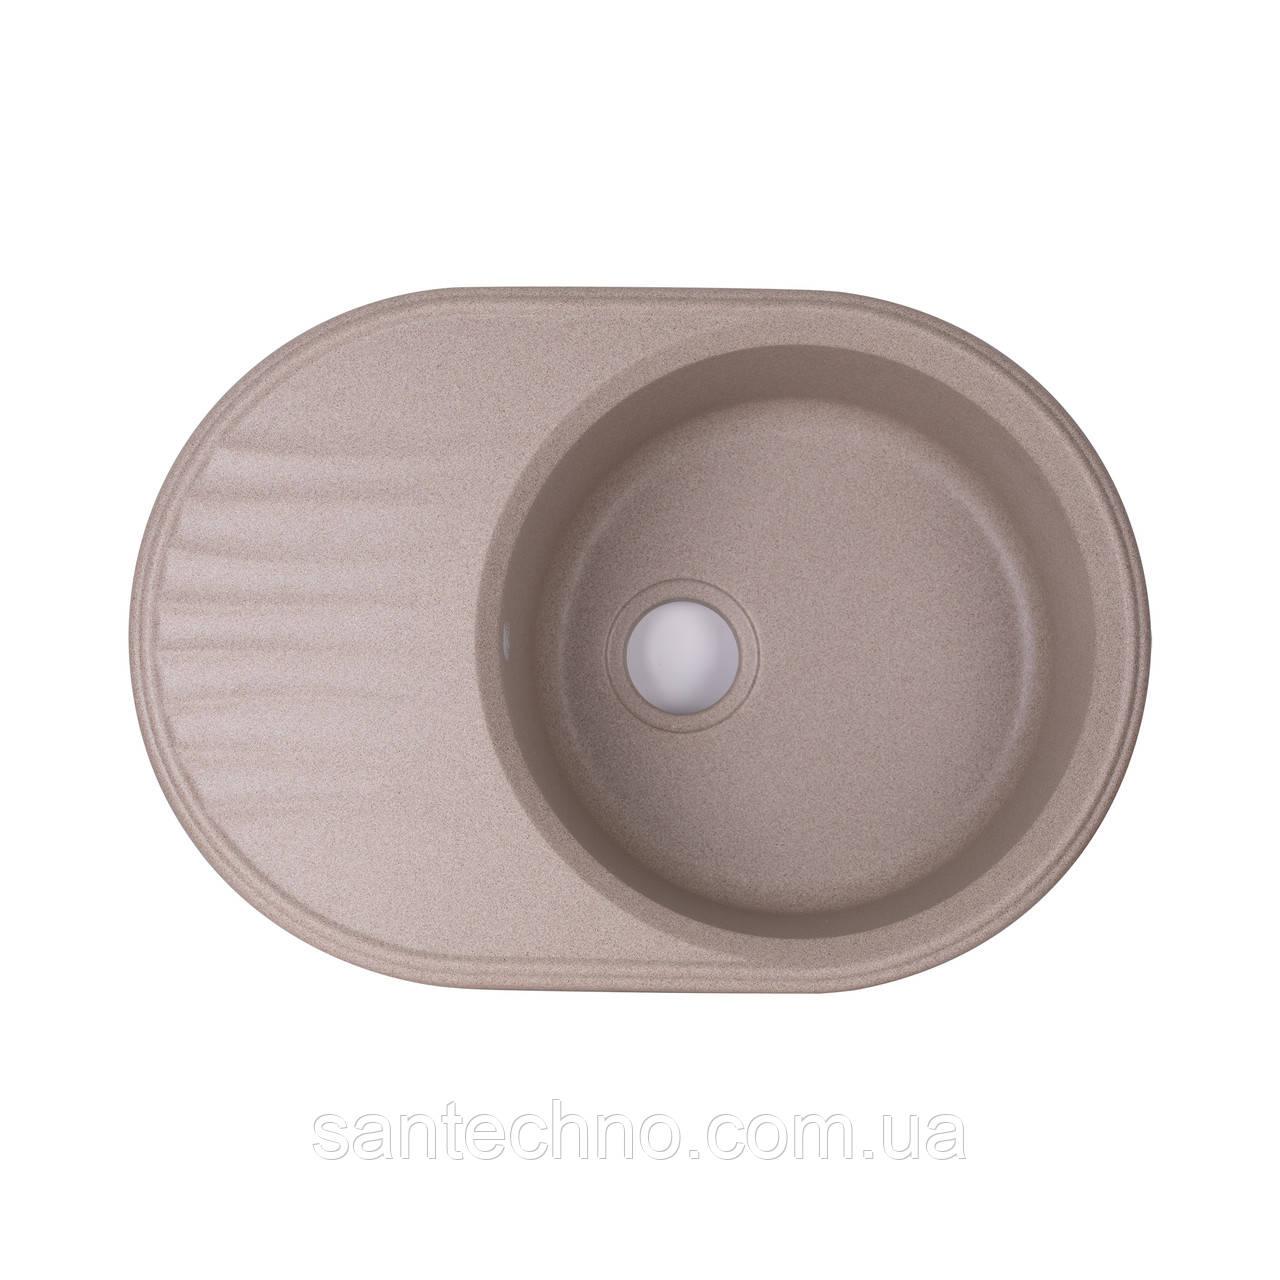 Кухонна мийка Qtap CS 7451 BEI (QT7451BEI551)